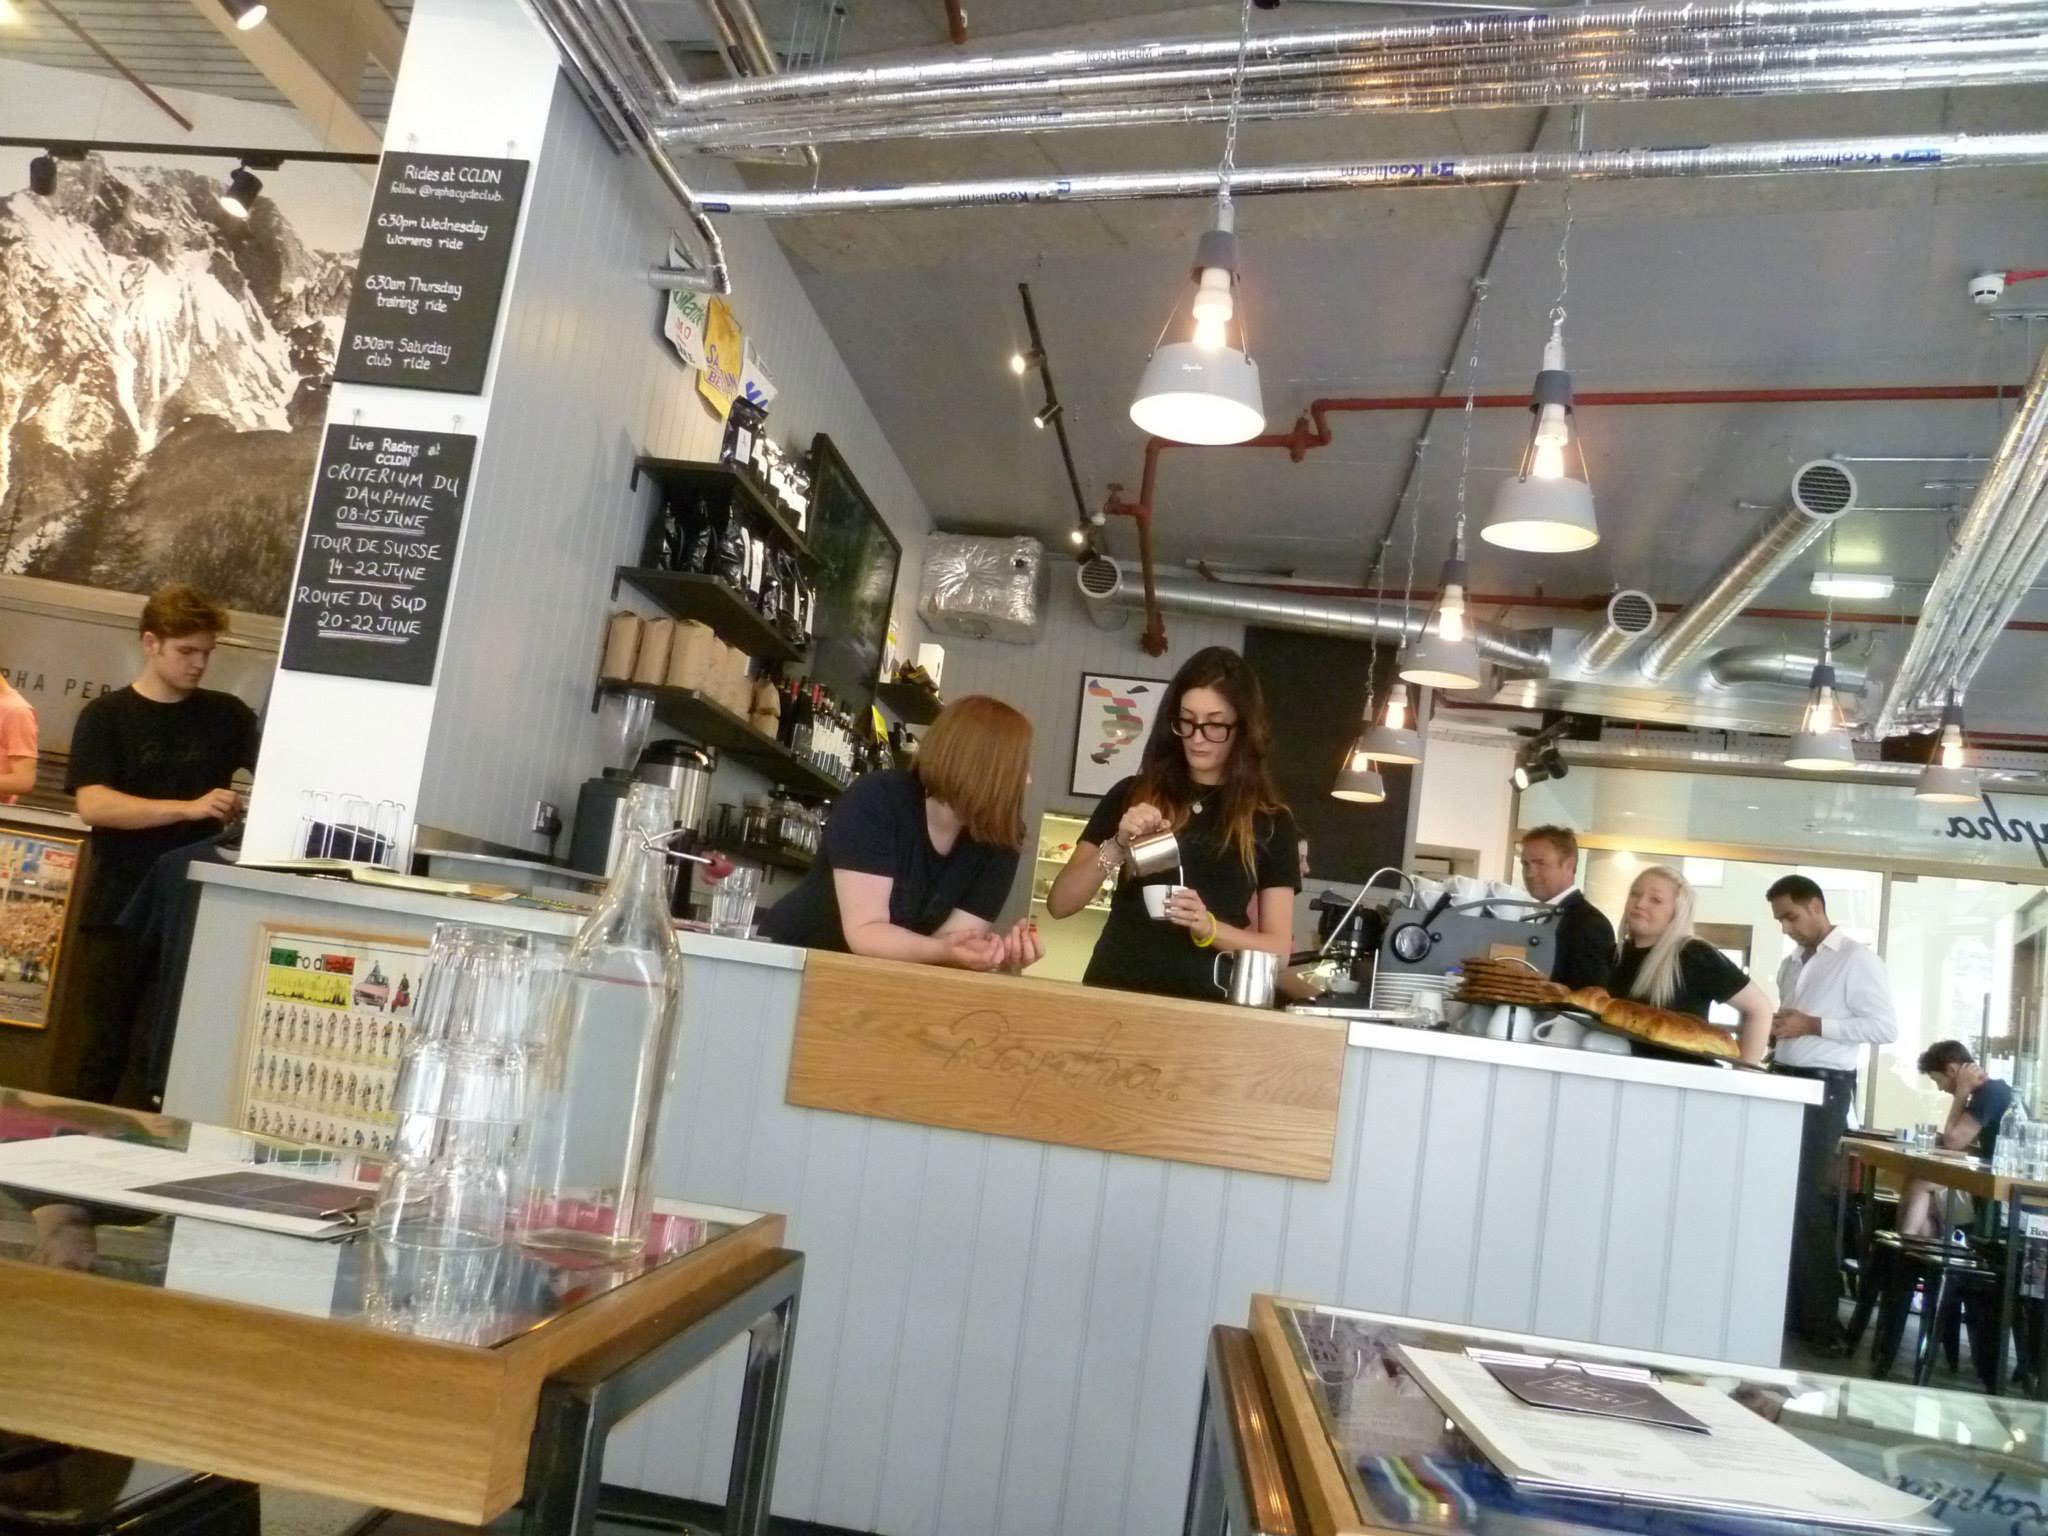 rapha-cafe-culture-service-culture